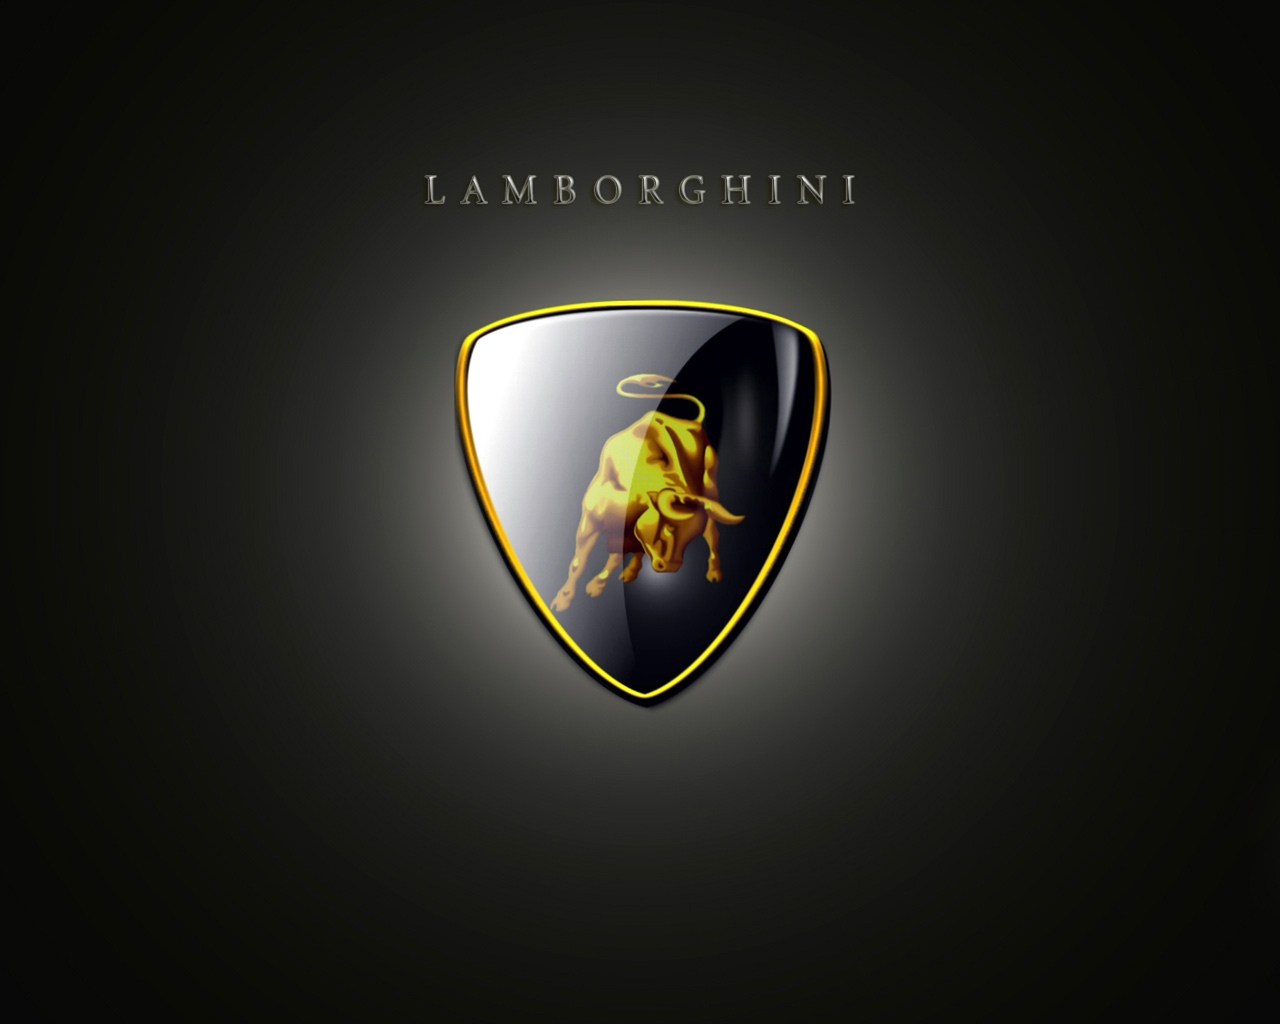 http://4.bp.blogspot.com/-Pw6LYYgCnVA/T4wRP6AbNSI/AAAAAAAAEhg/74GjSSpwX5Q/s1600/lamborghini-wallpapers-for-windows-7-i11.jpg